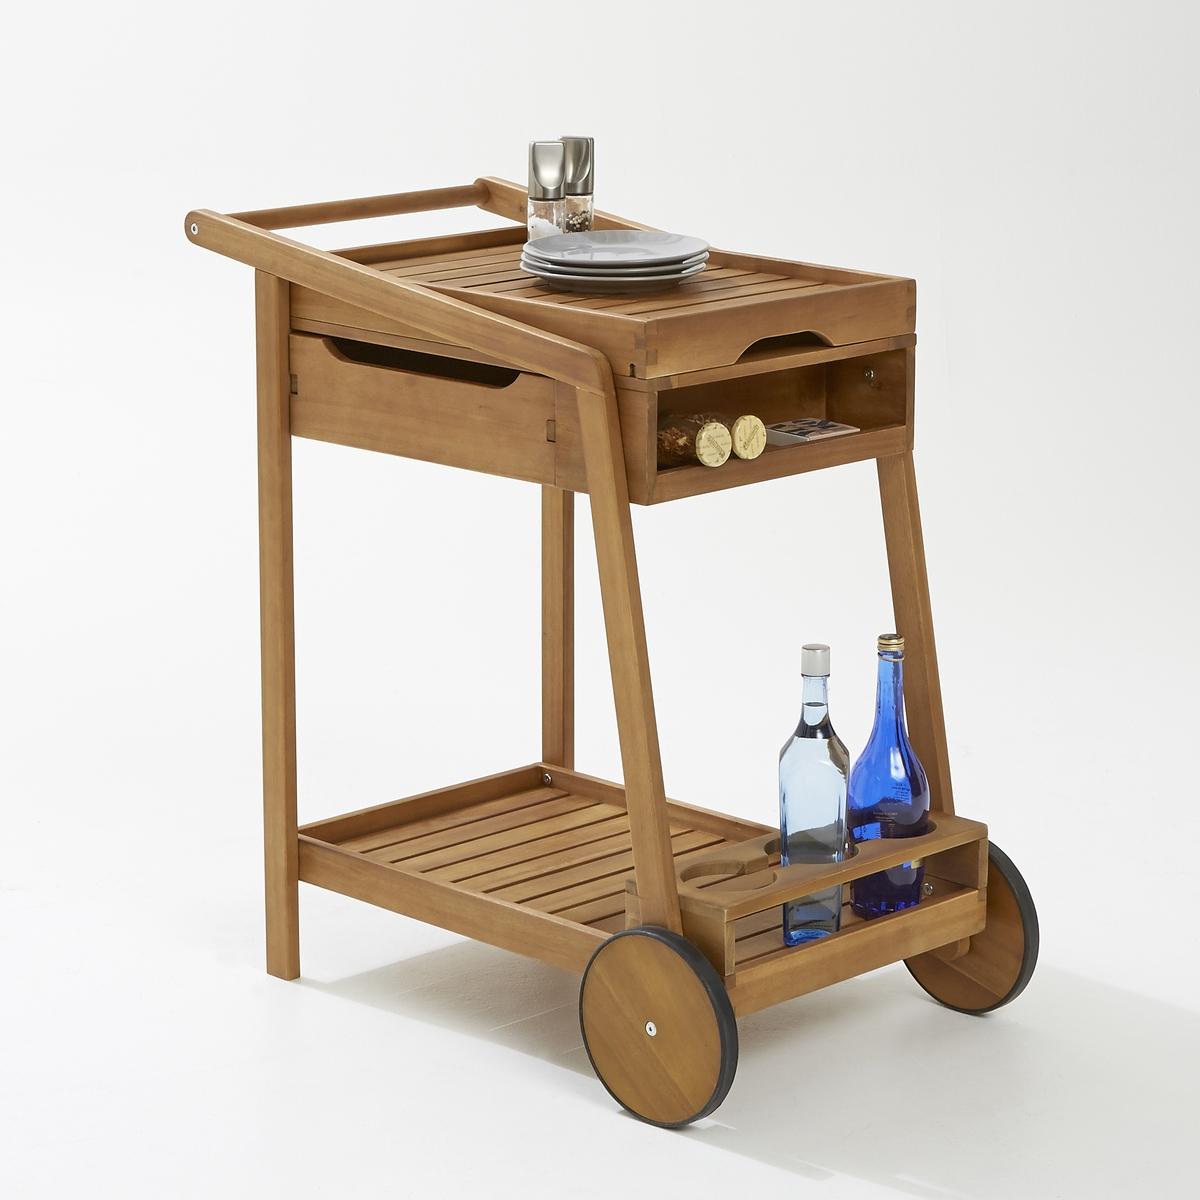 Столик сервировочный на колесиках,  2 полки и съемная столешница